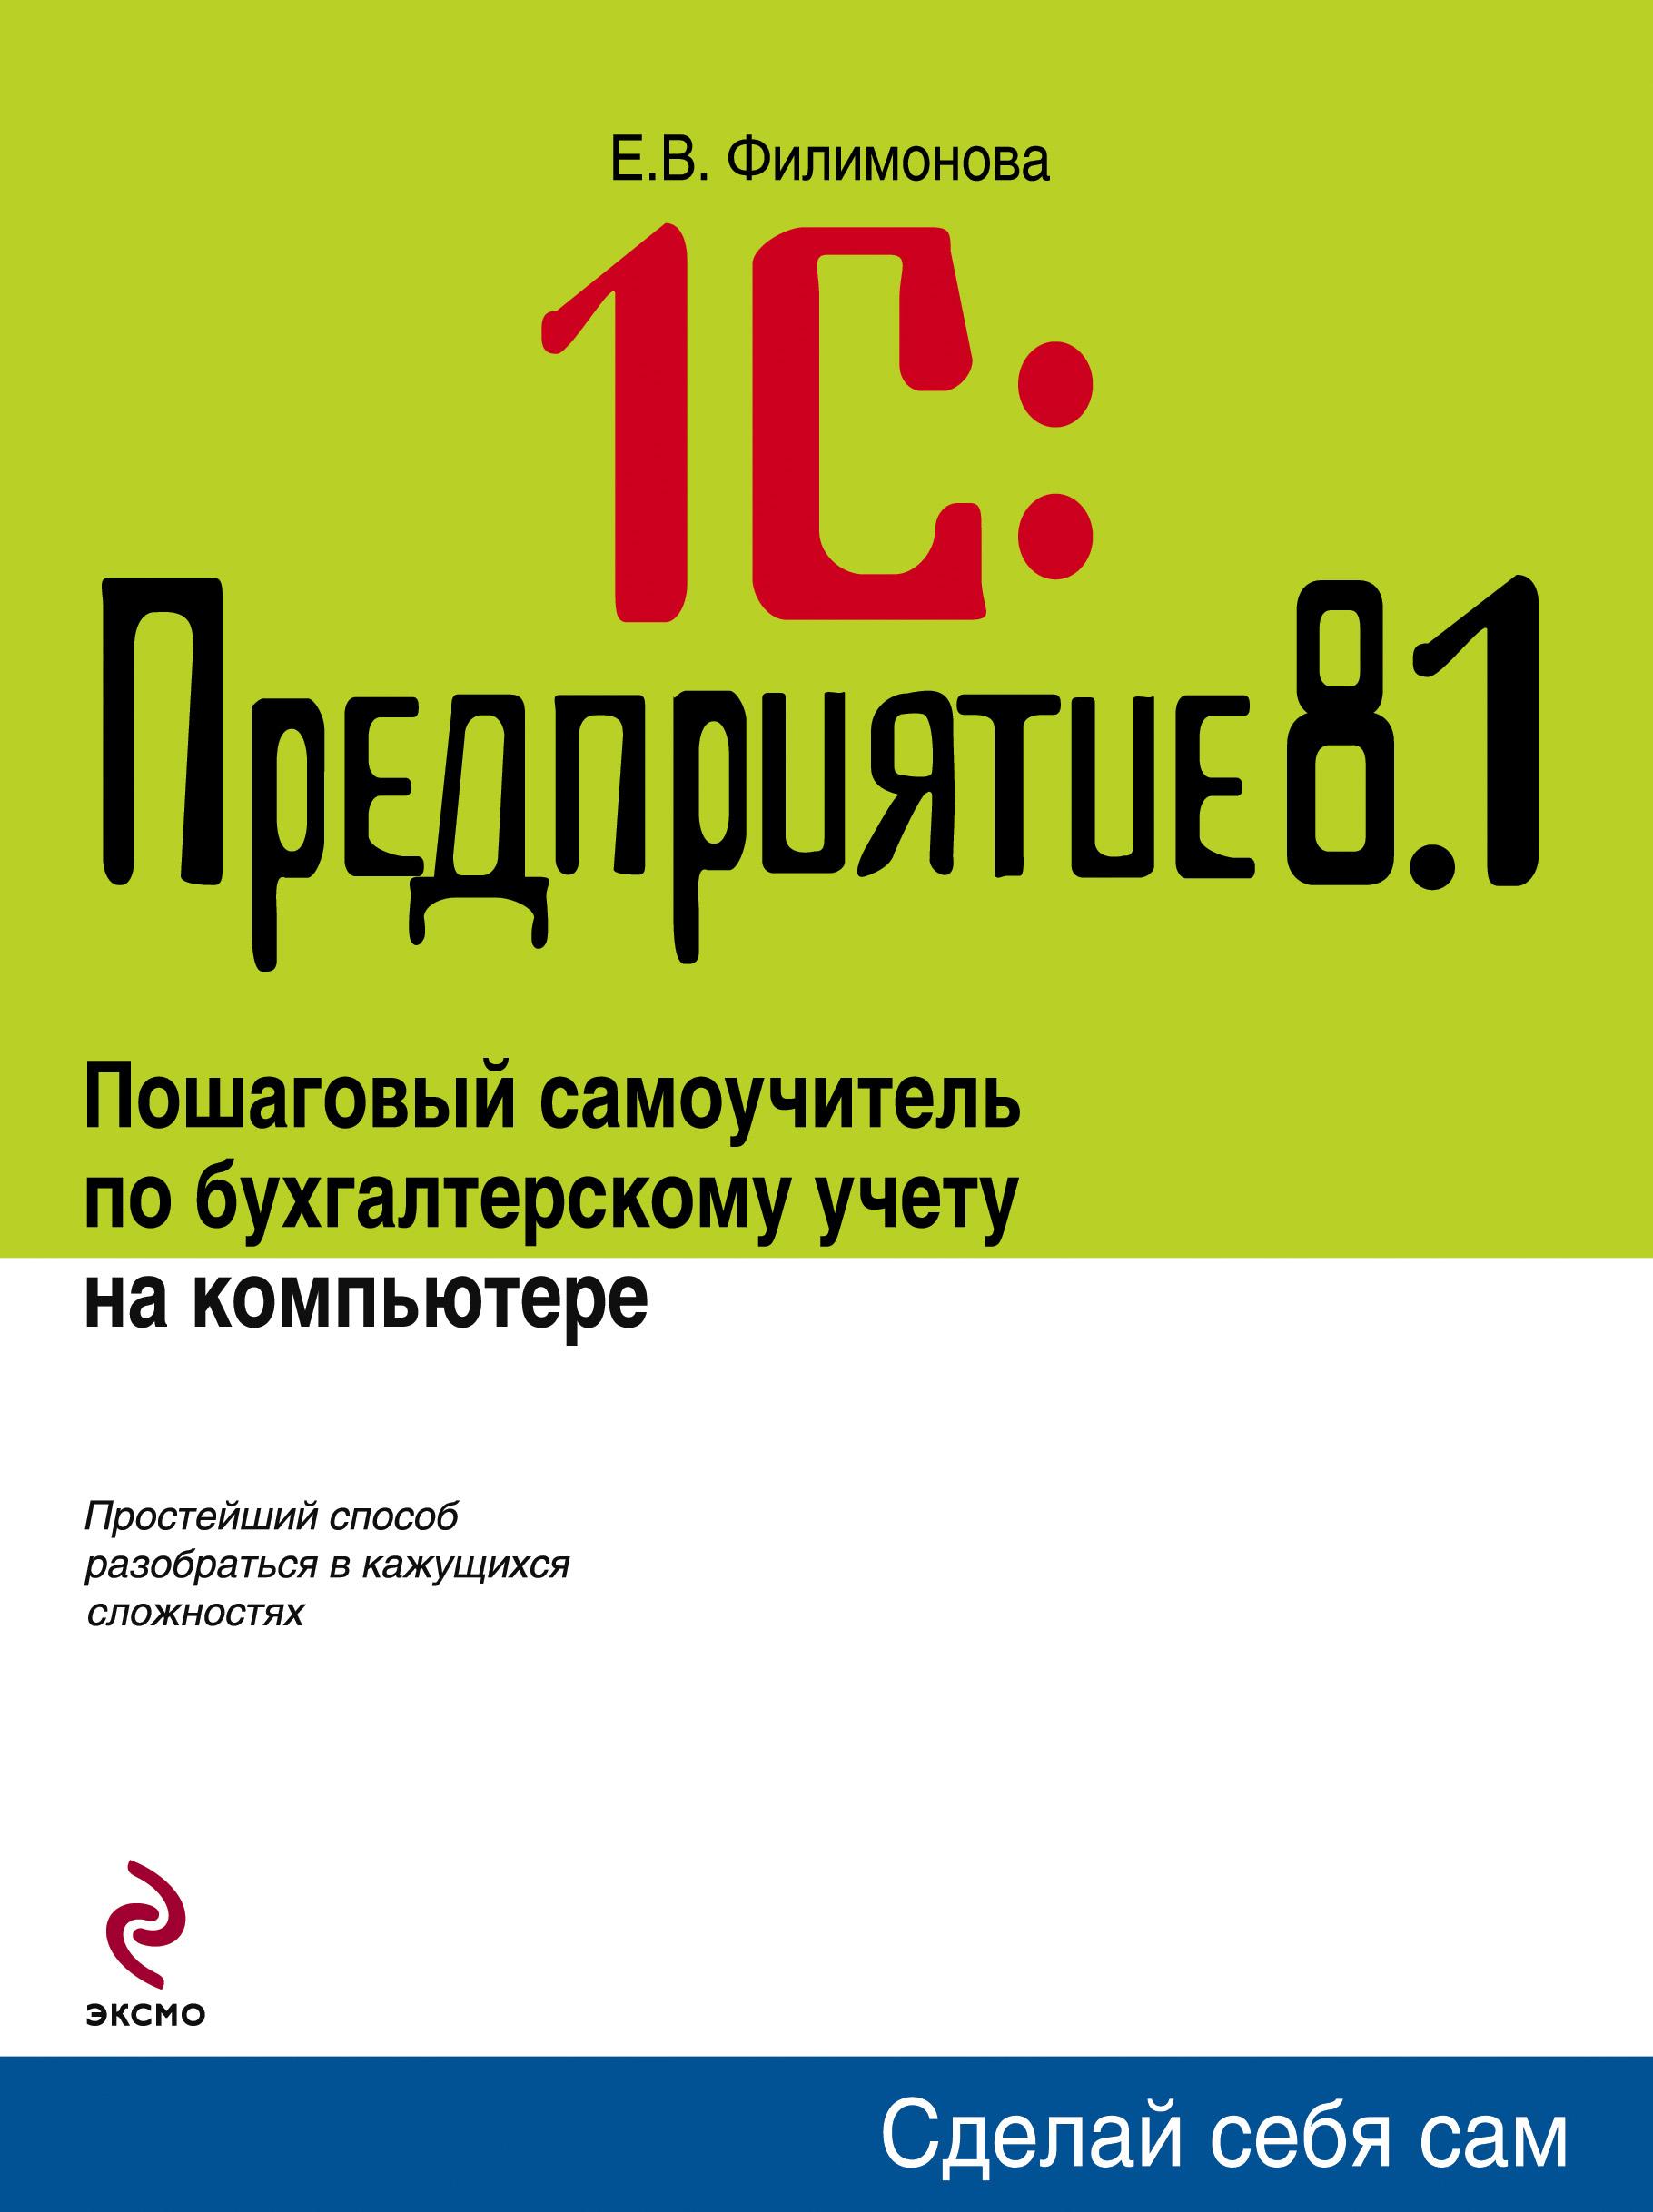 Елена Филимонова «1С: Предприятие 8.1. Управление торговлей. Пошаговый самоучитель по бухгалтерскому учету на компьютере»